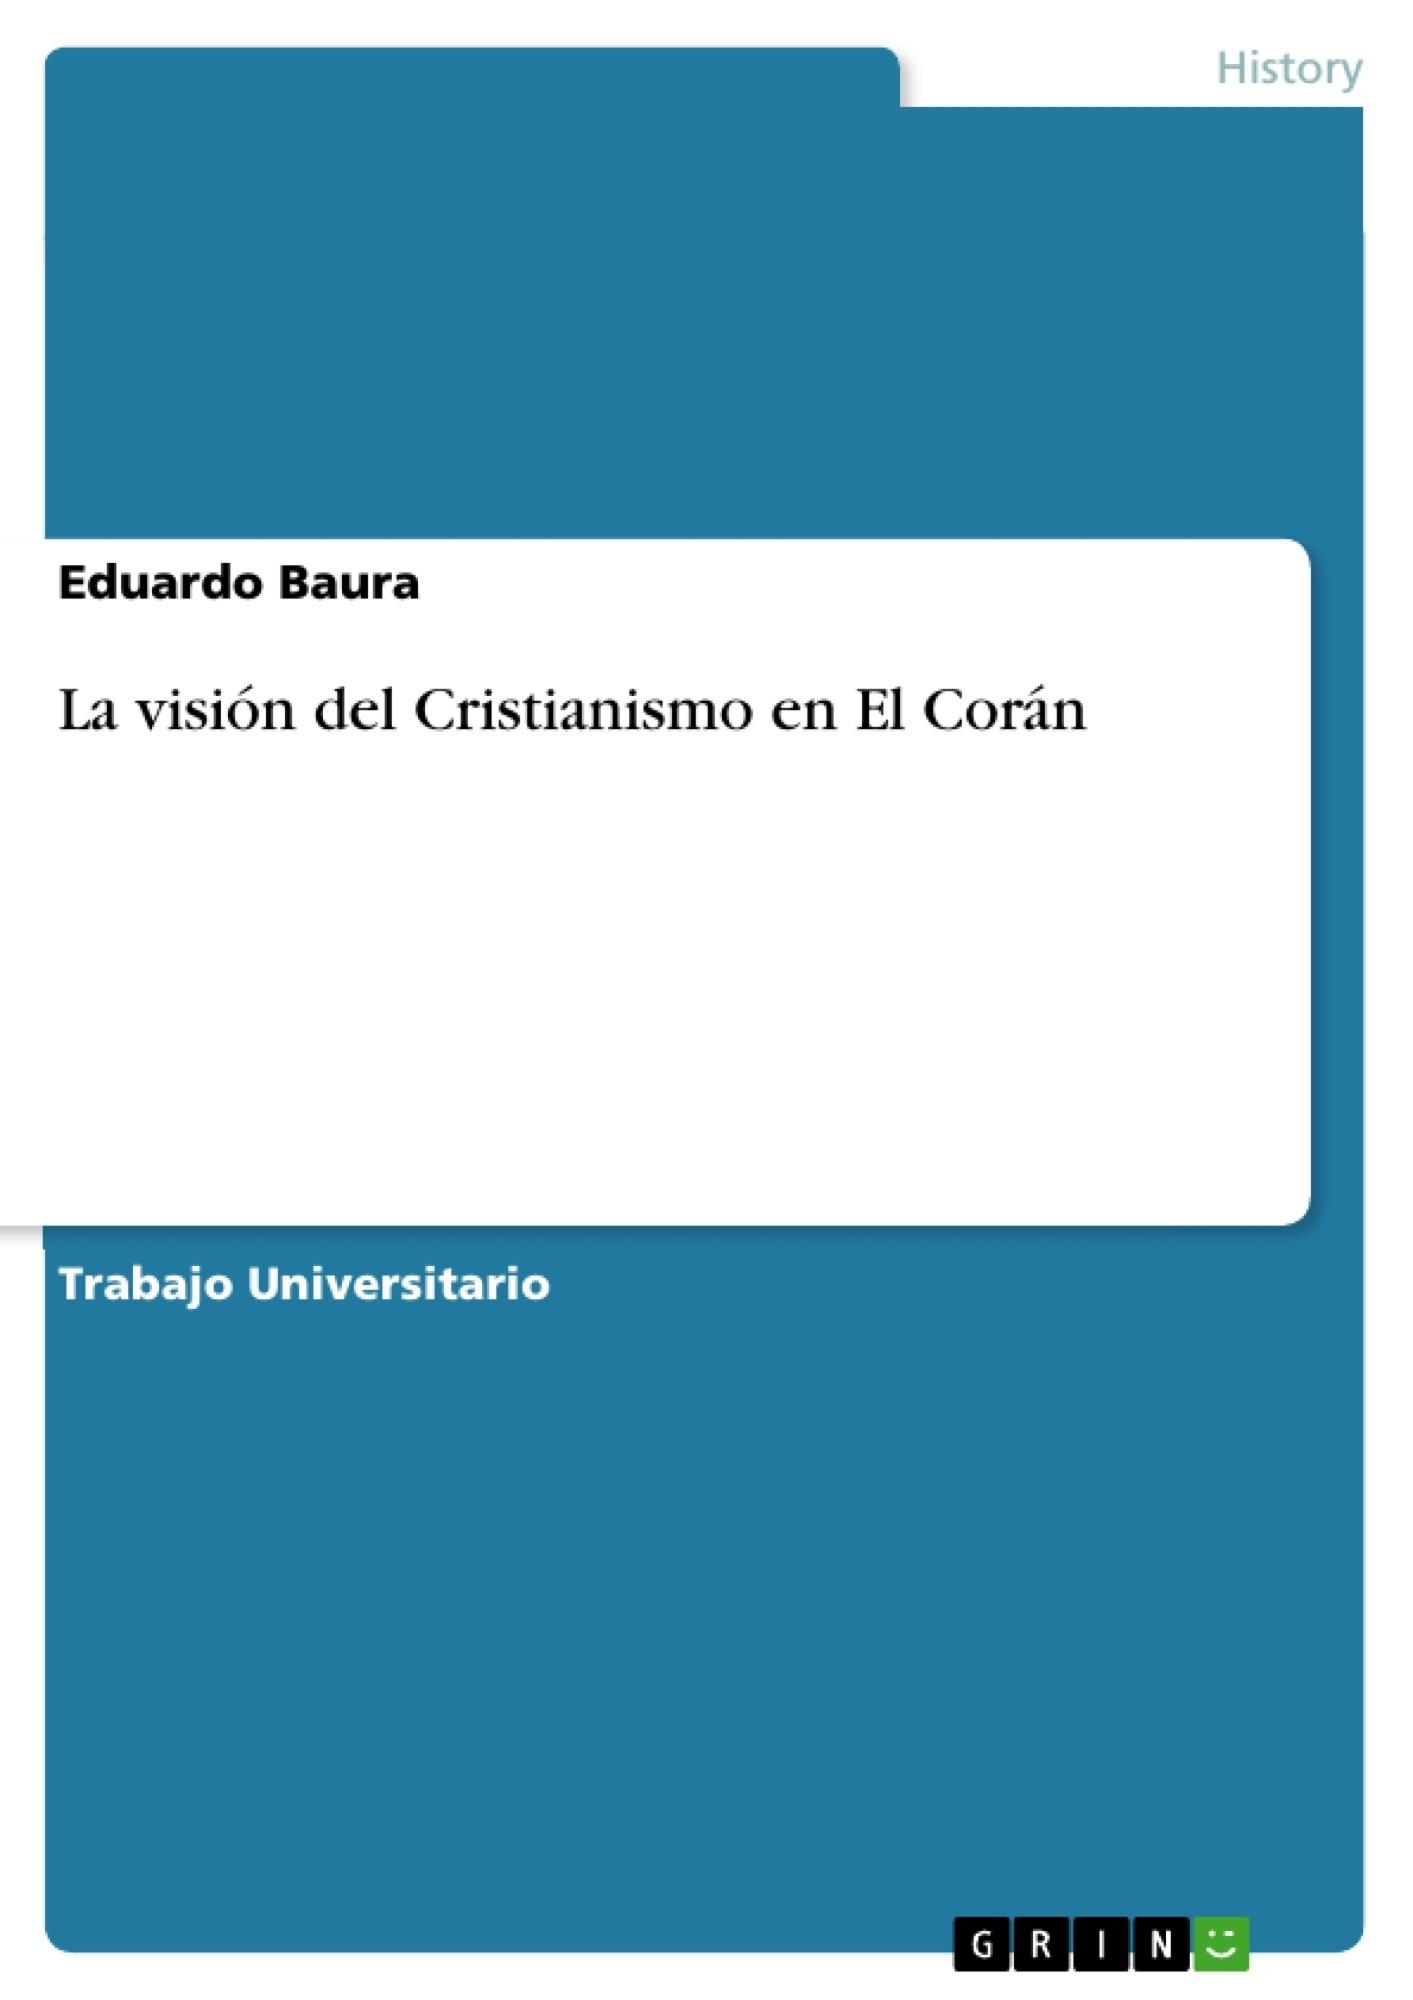 Título: La visión del Cristianismo en El Corán